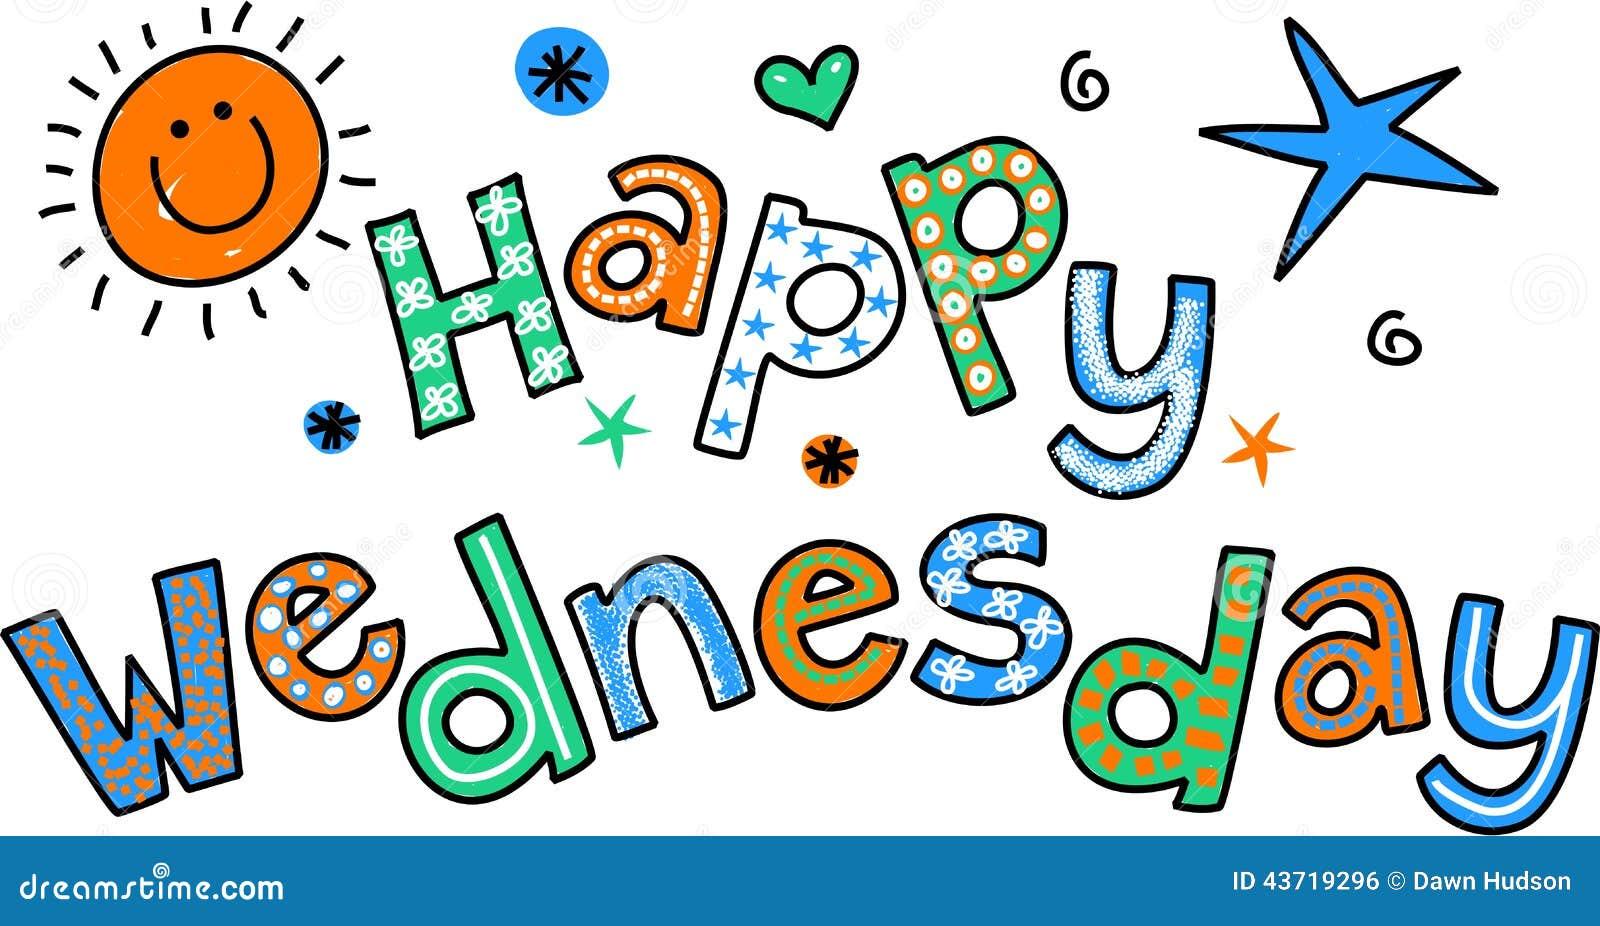 Happy Wednesday Stock Illustrations – 1,081 Happy Wednesday Stock  Illustrations, Vectors & Clipart - Dreamstime